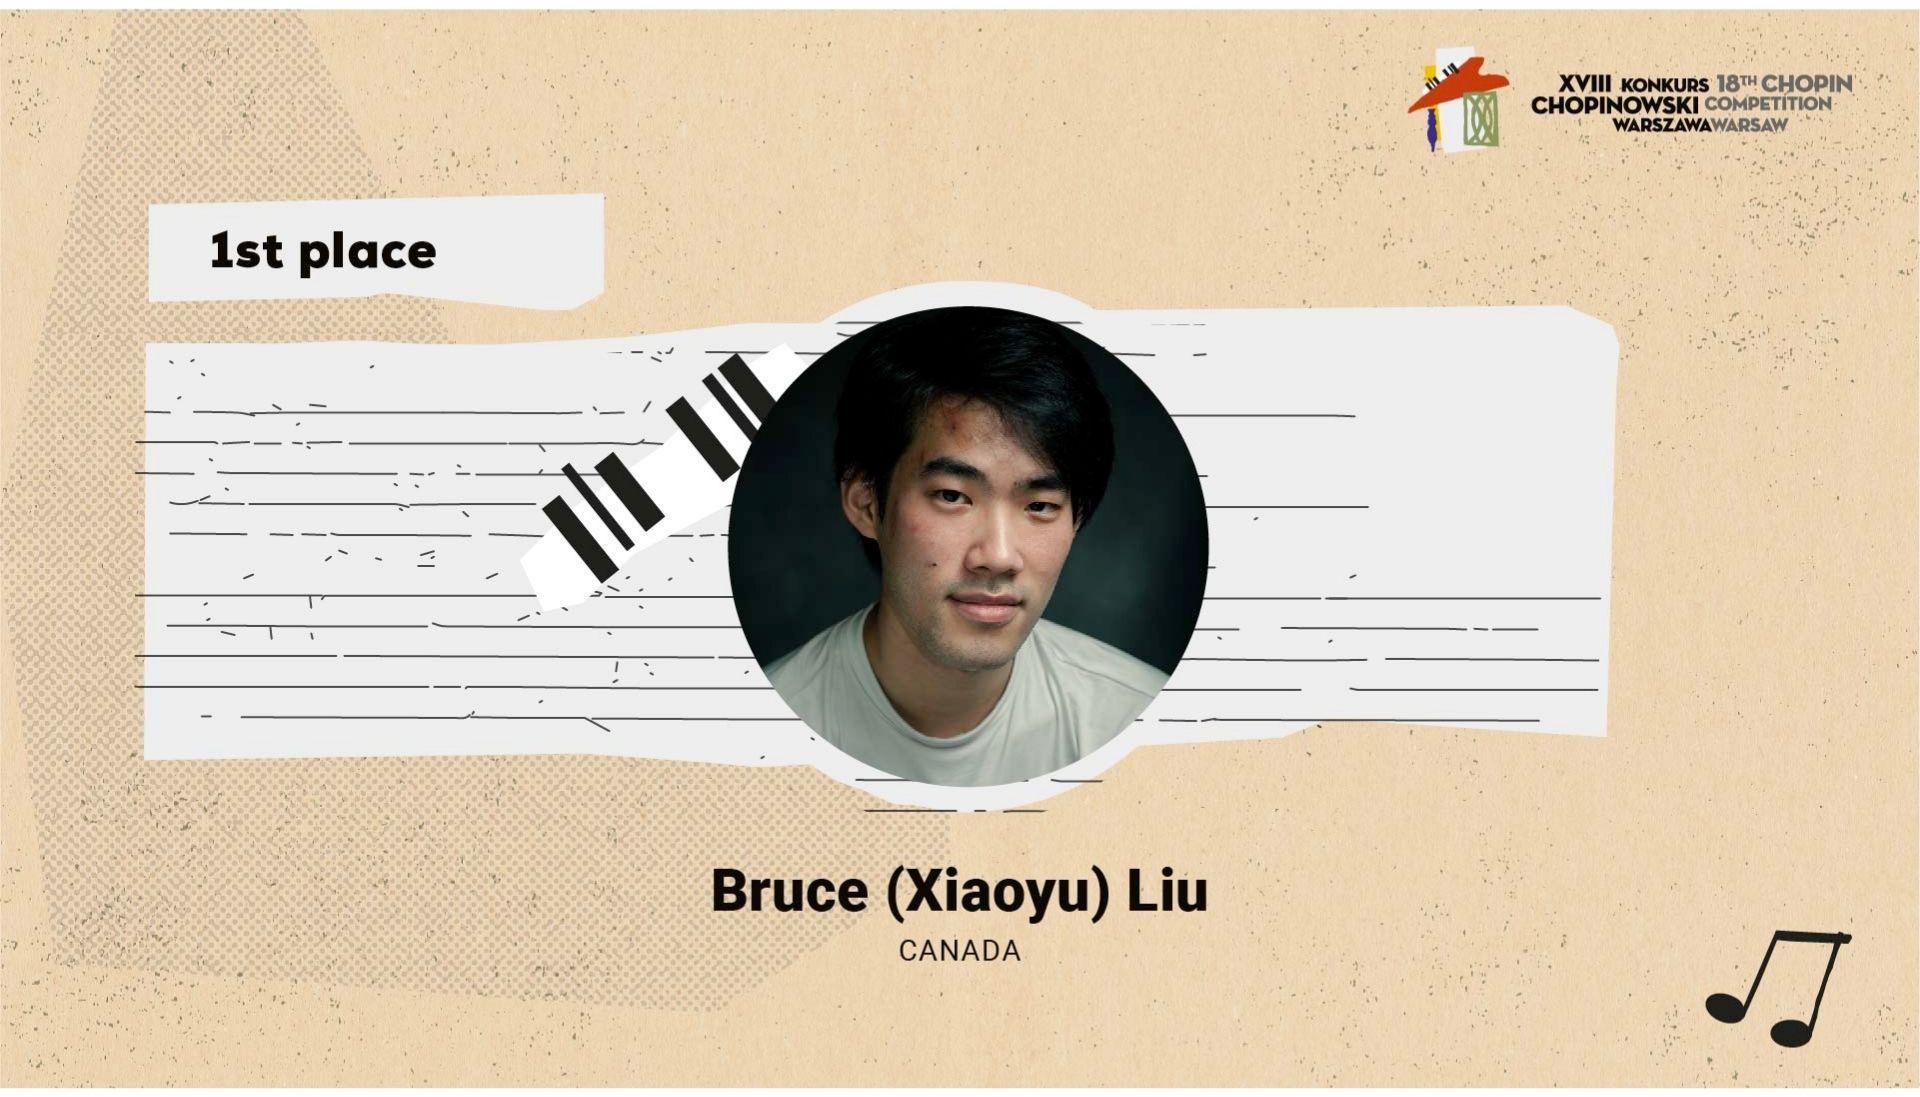 winner Bruce Liu